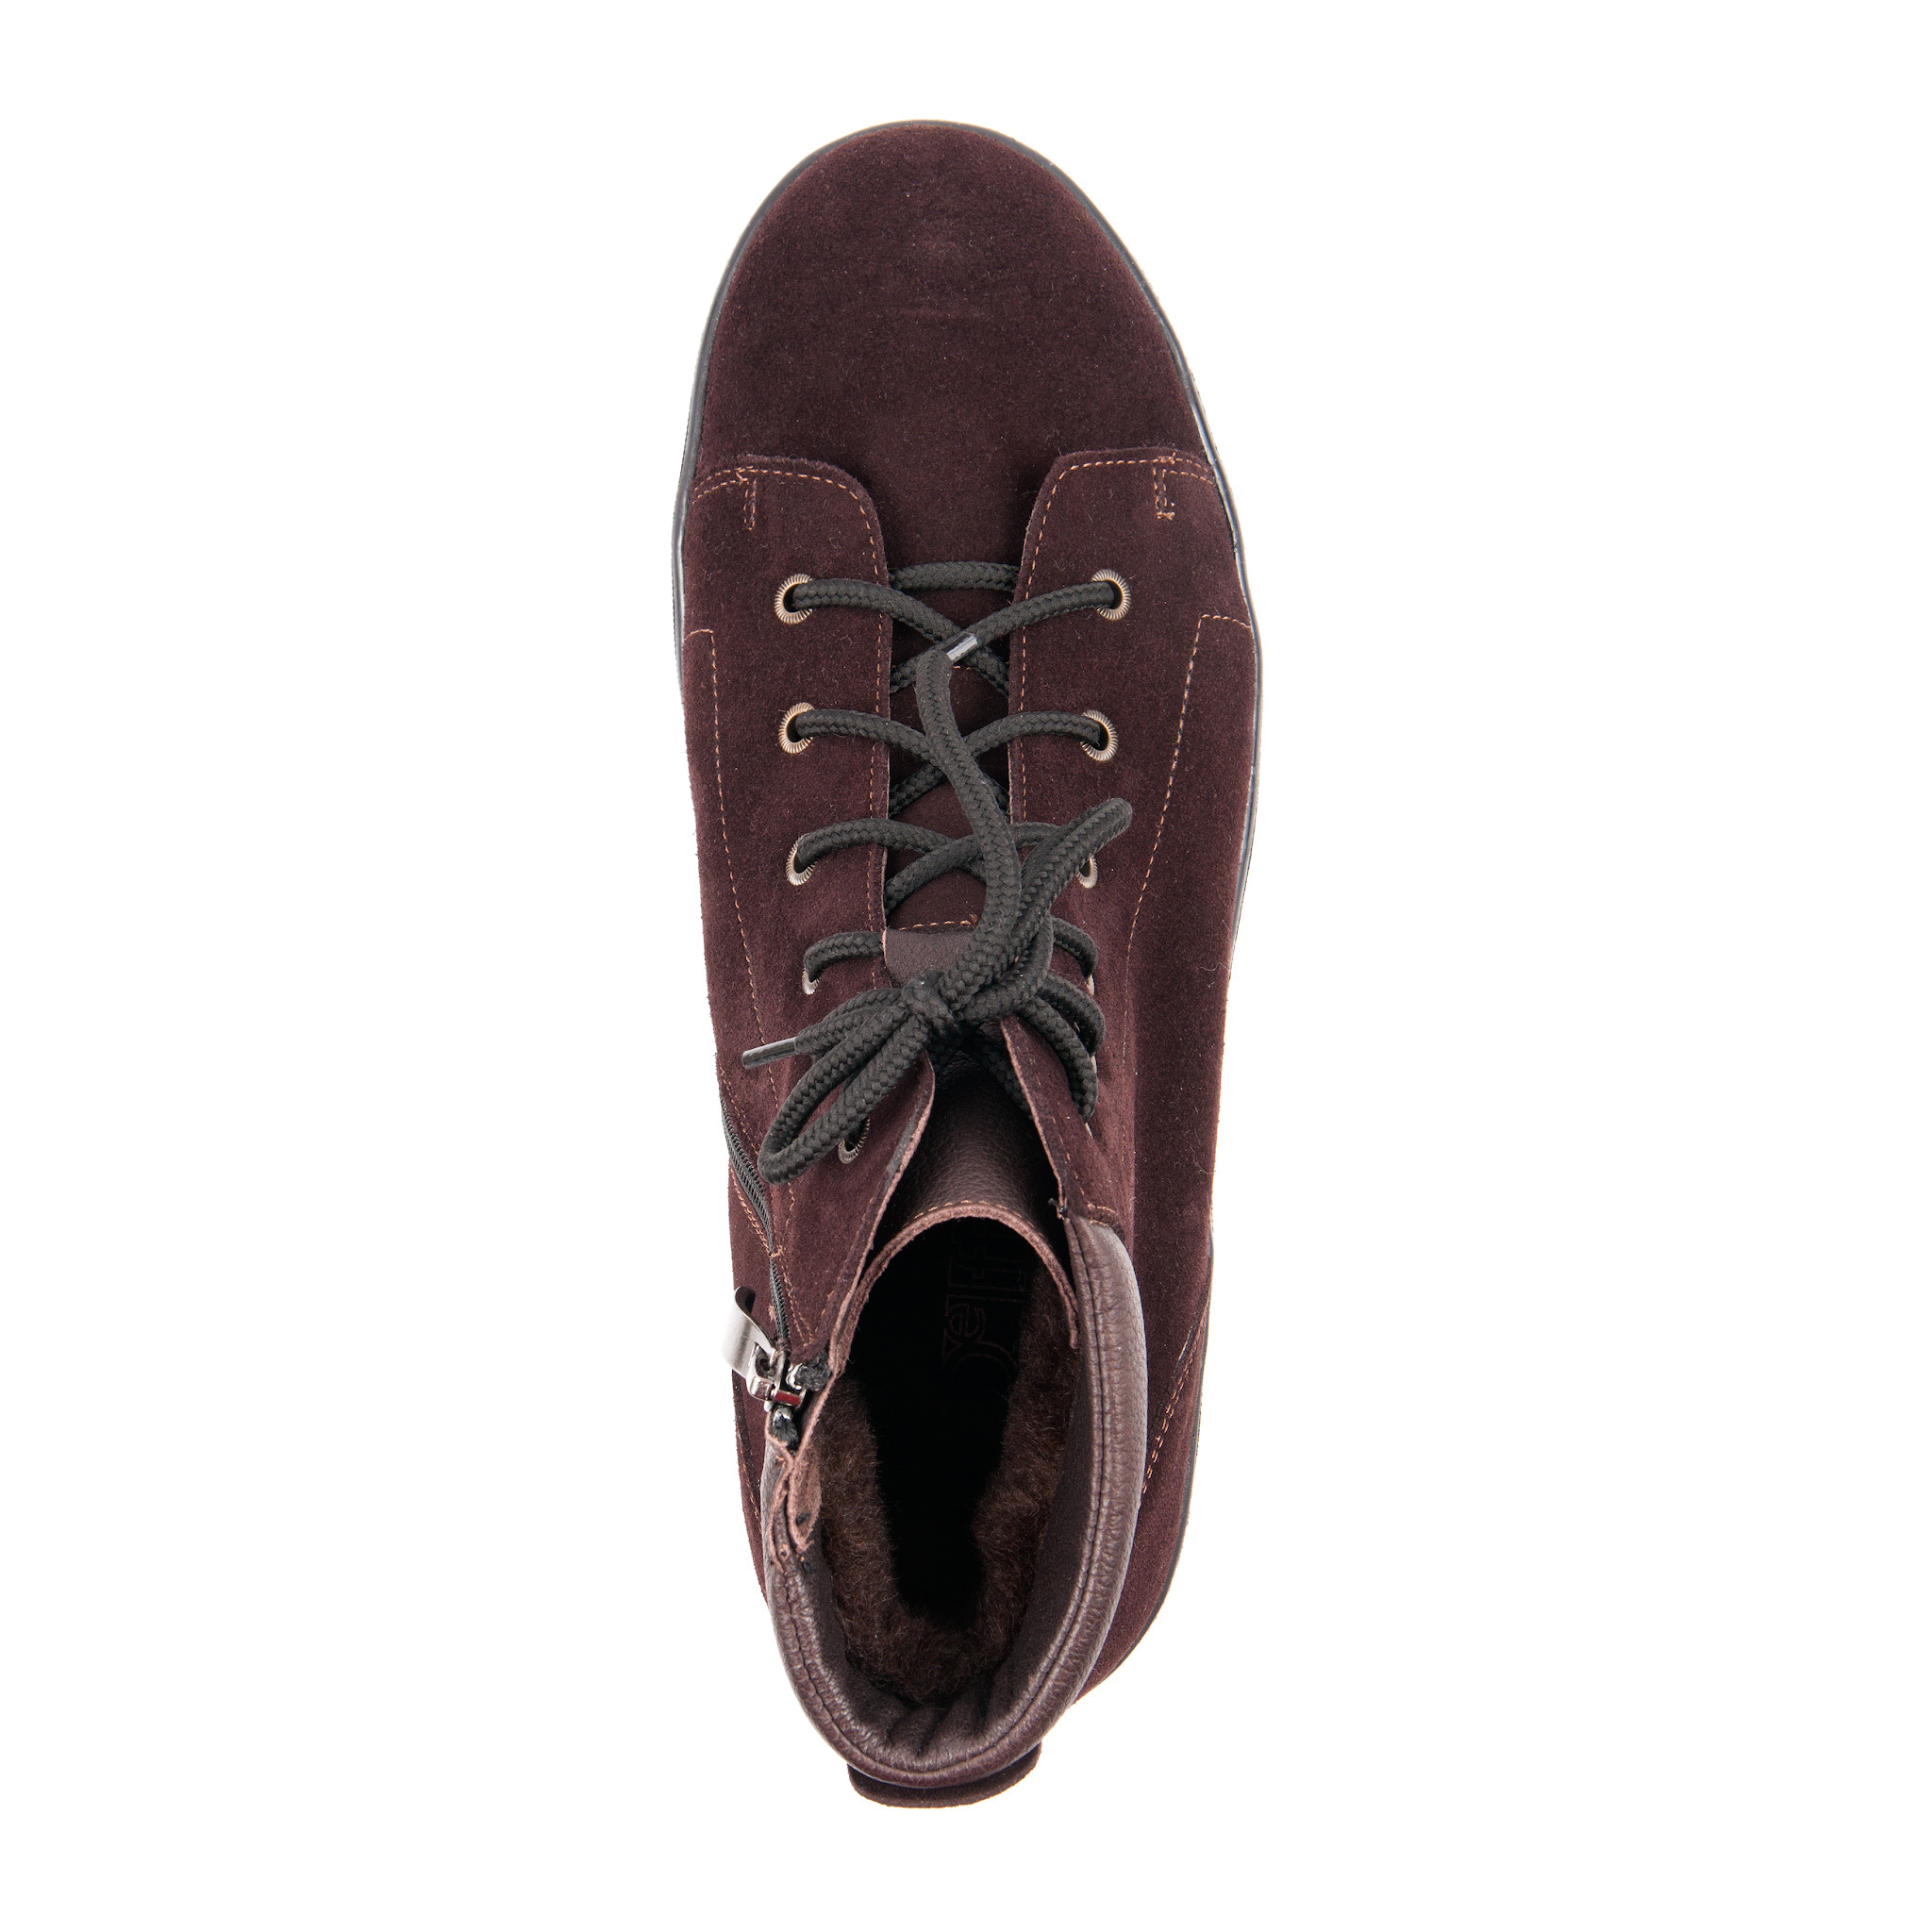 561359 ботинки женские коричневые больших размеров марки Делфино